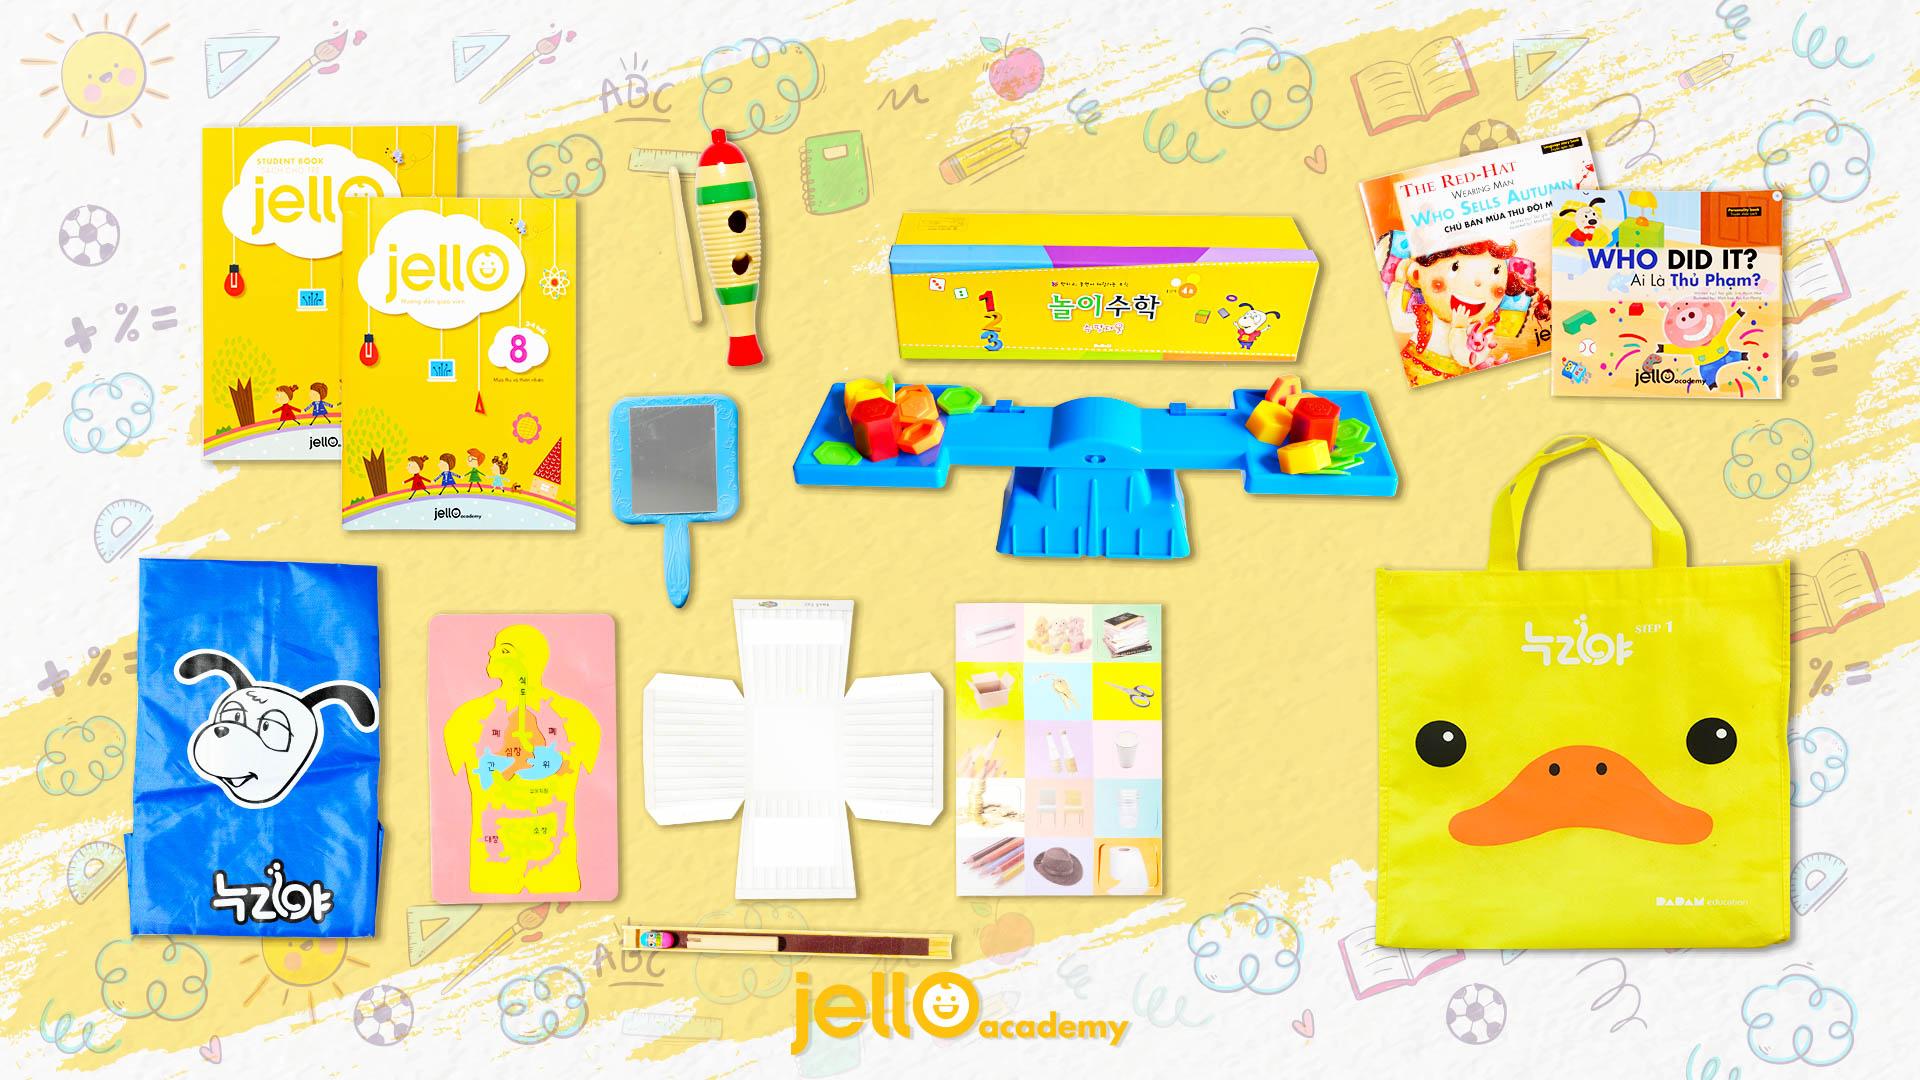 Bộ Học Cụ Jello - 3 Tuổi - Tháng 08